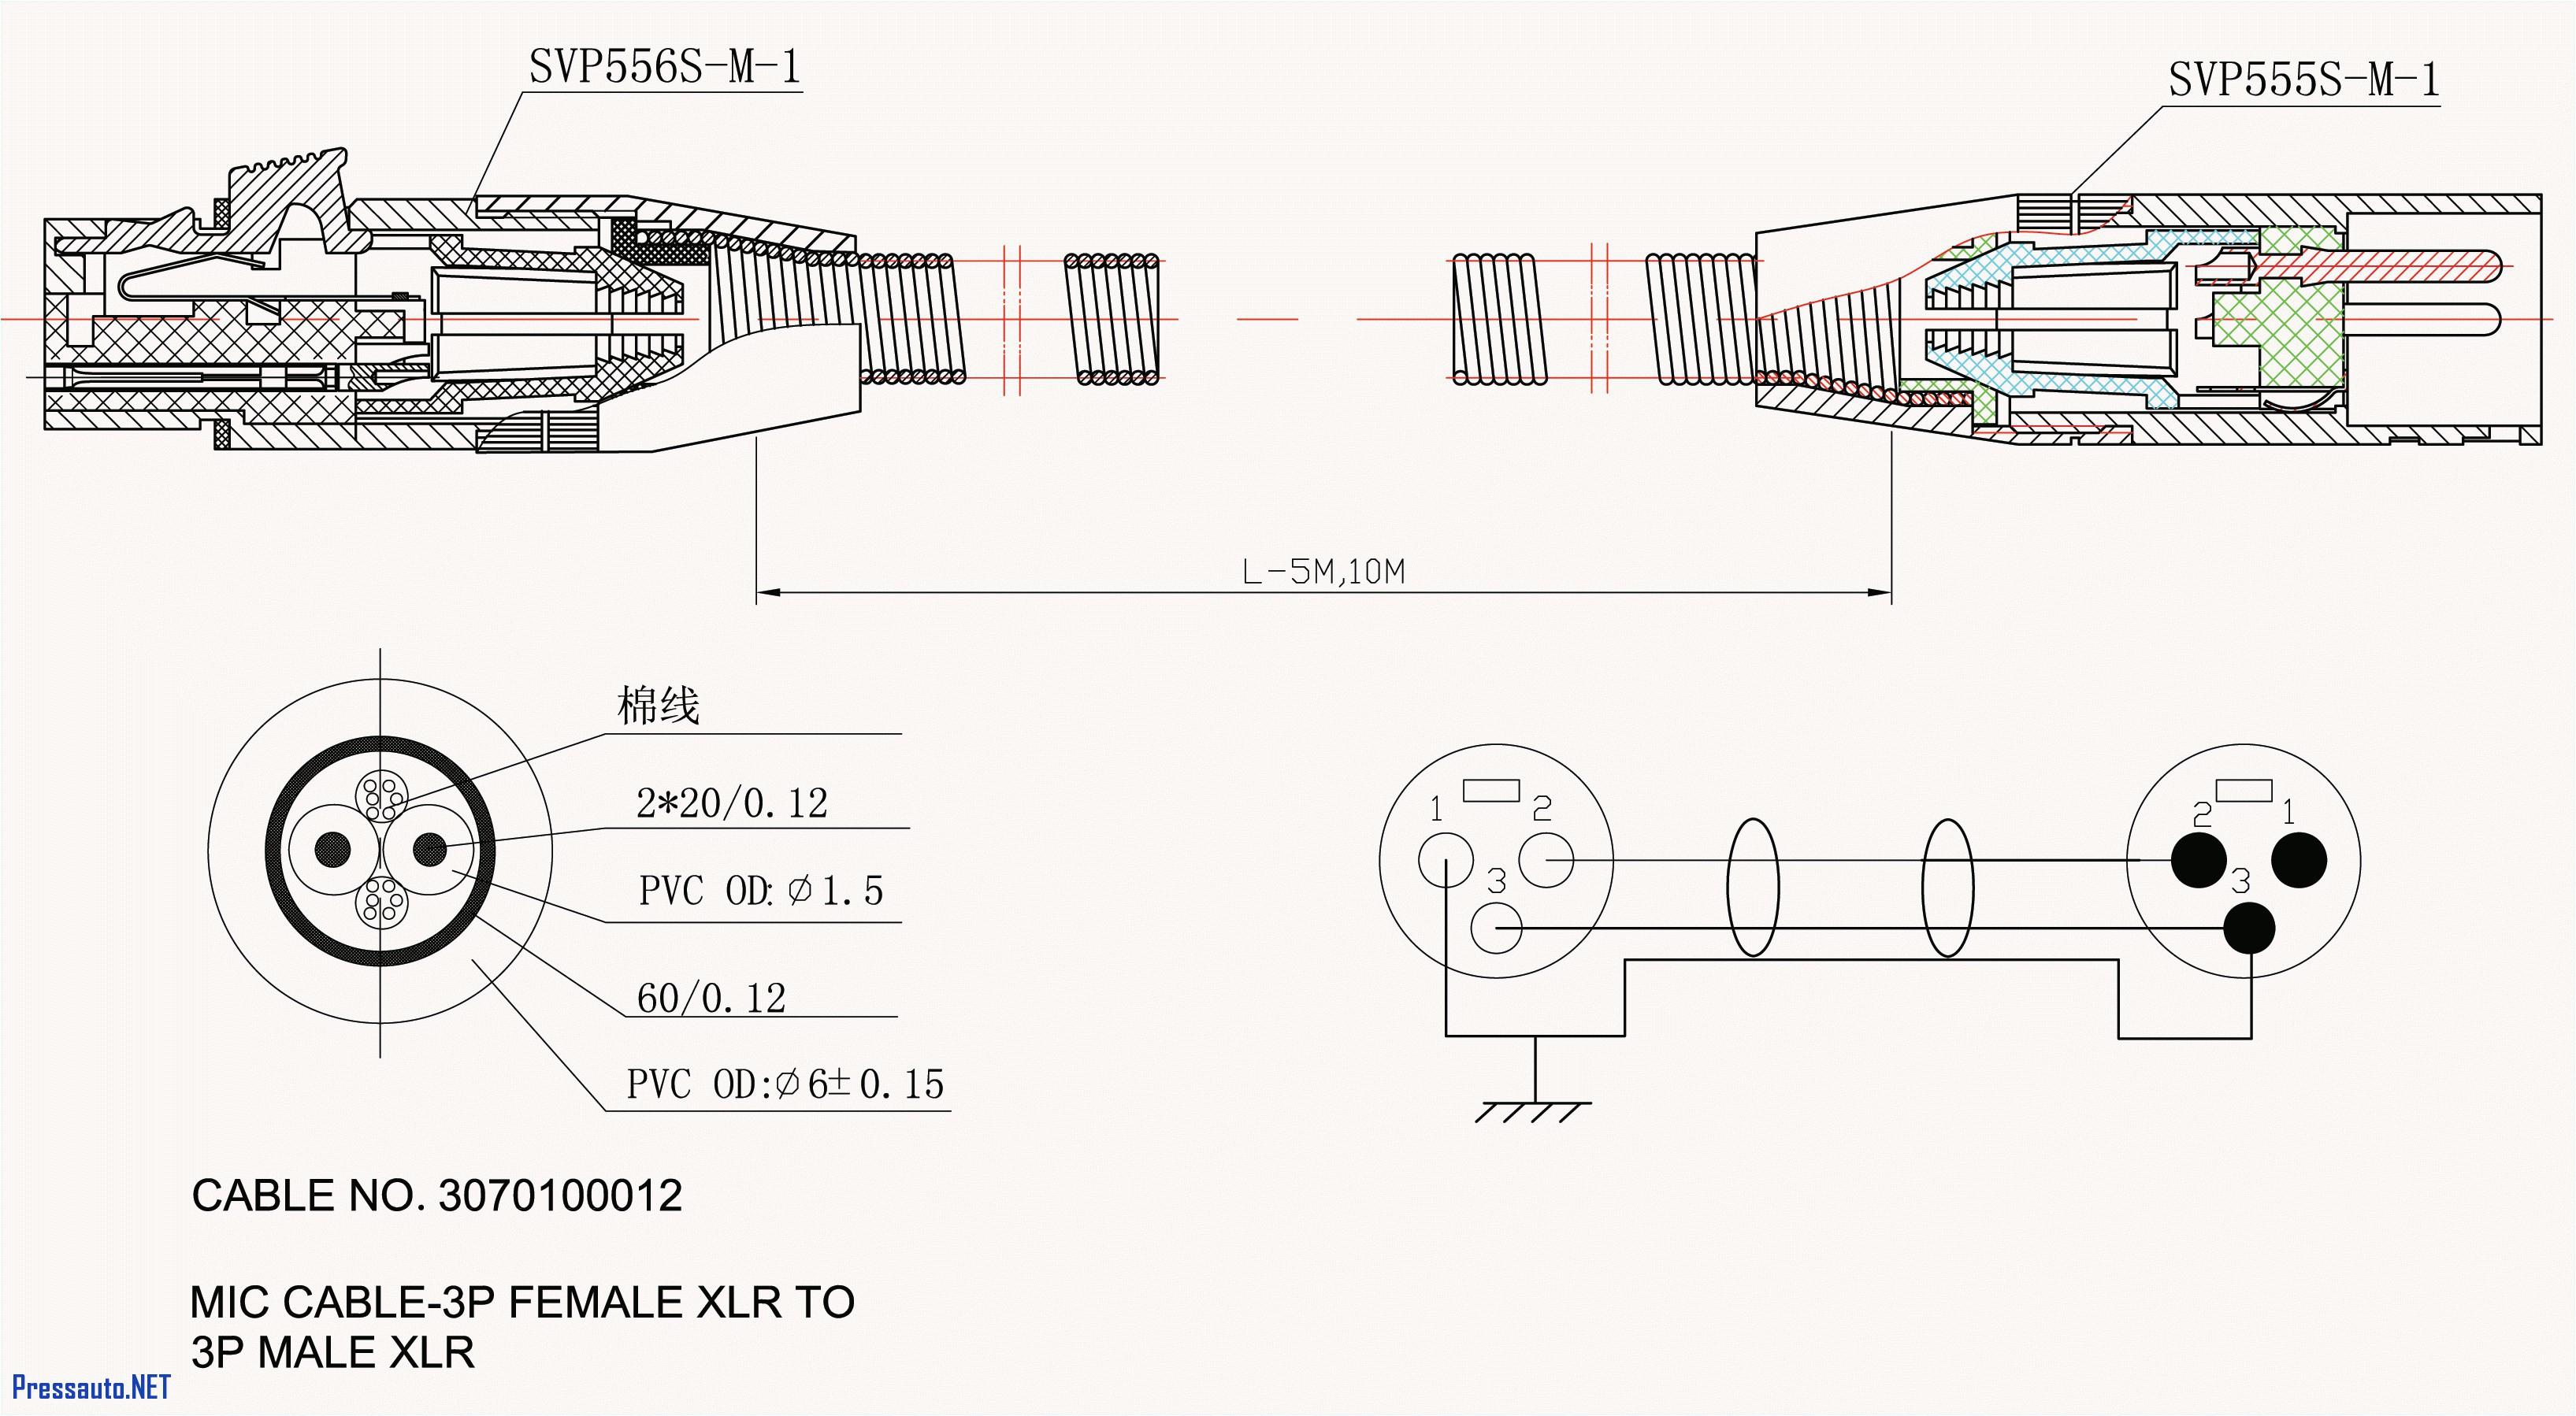 dsx panel wiring diagram fresh plane power wiring diagram download jpg